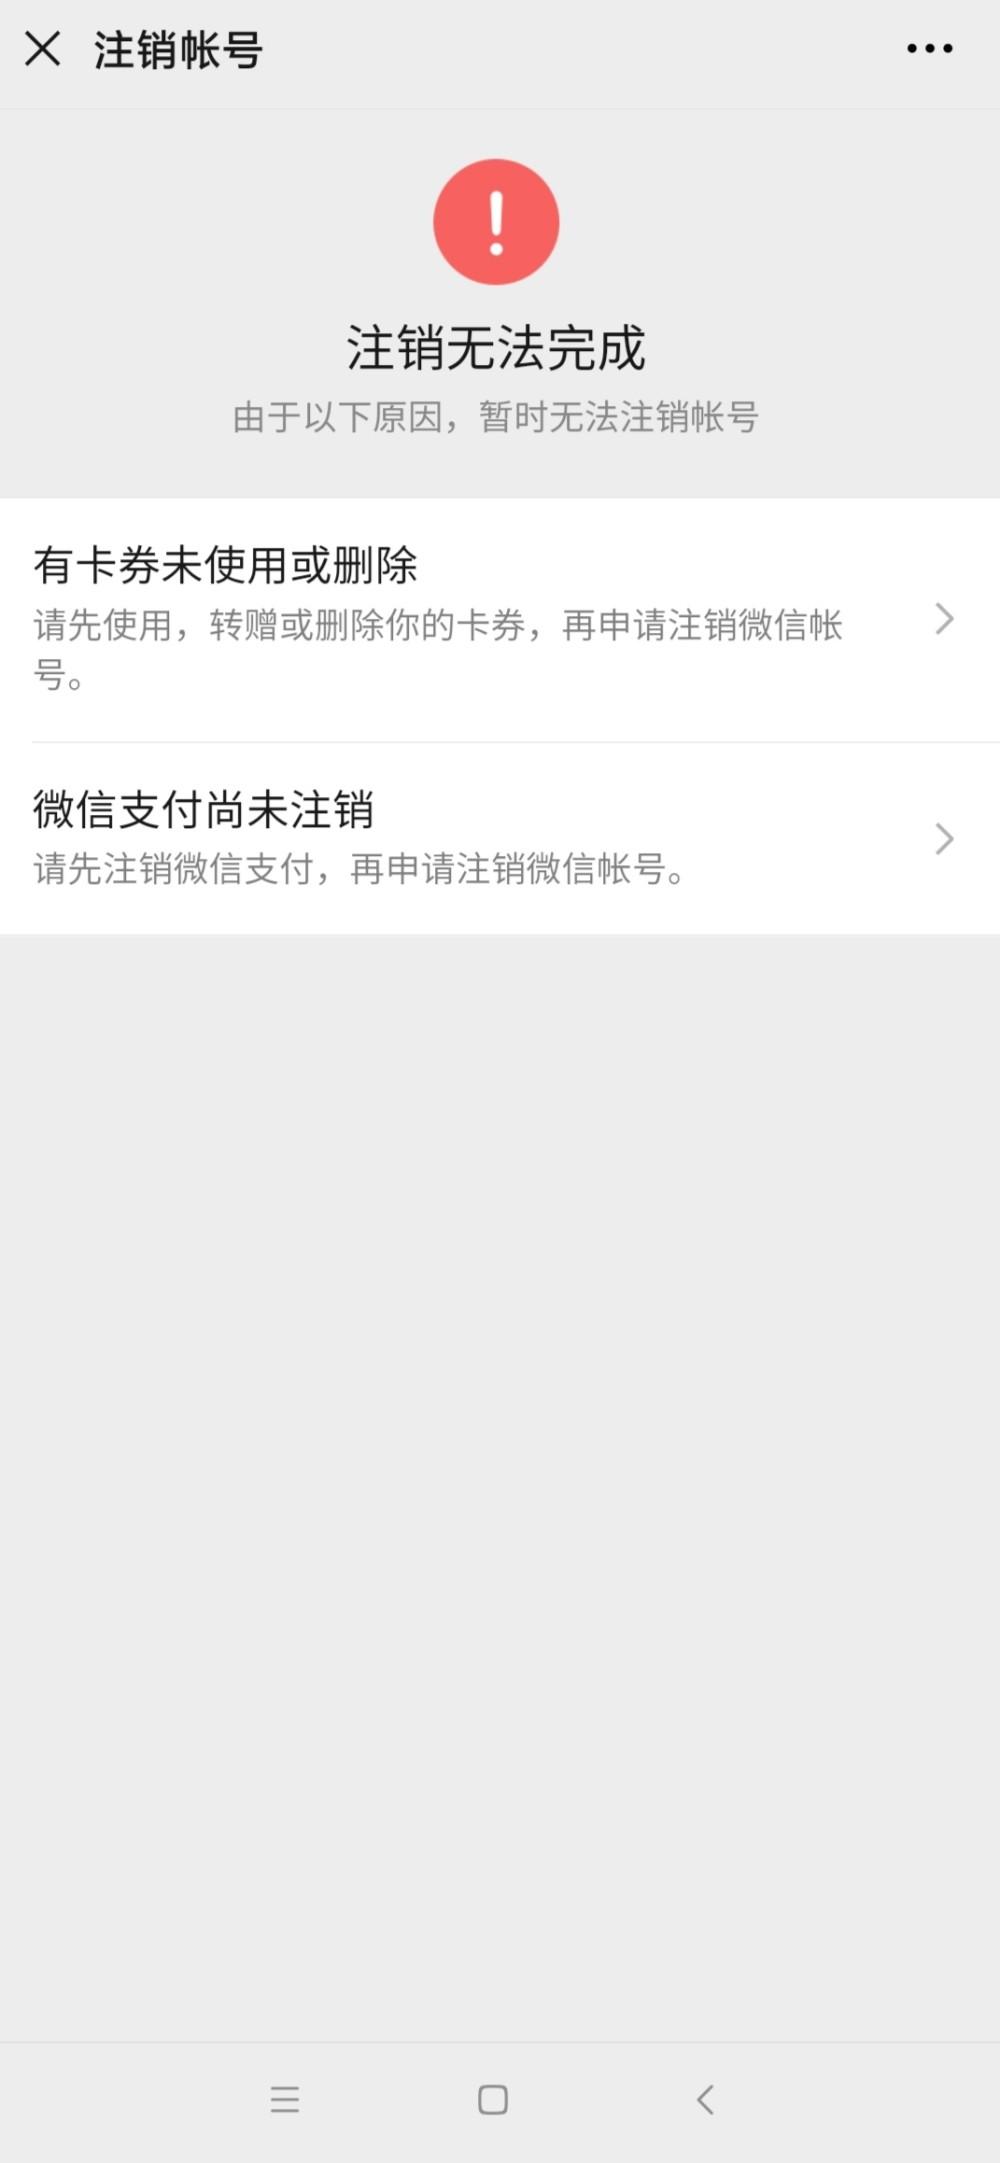 图片[2]-查看微信都授权过哪些应用和网站-飞享资源网